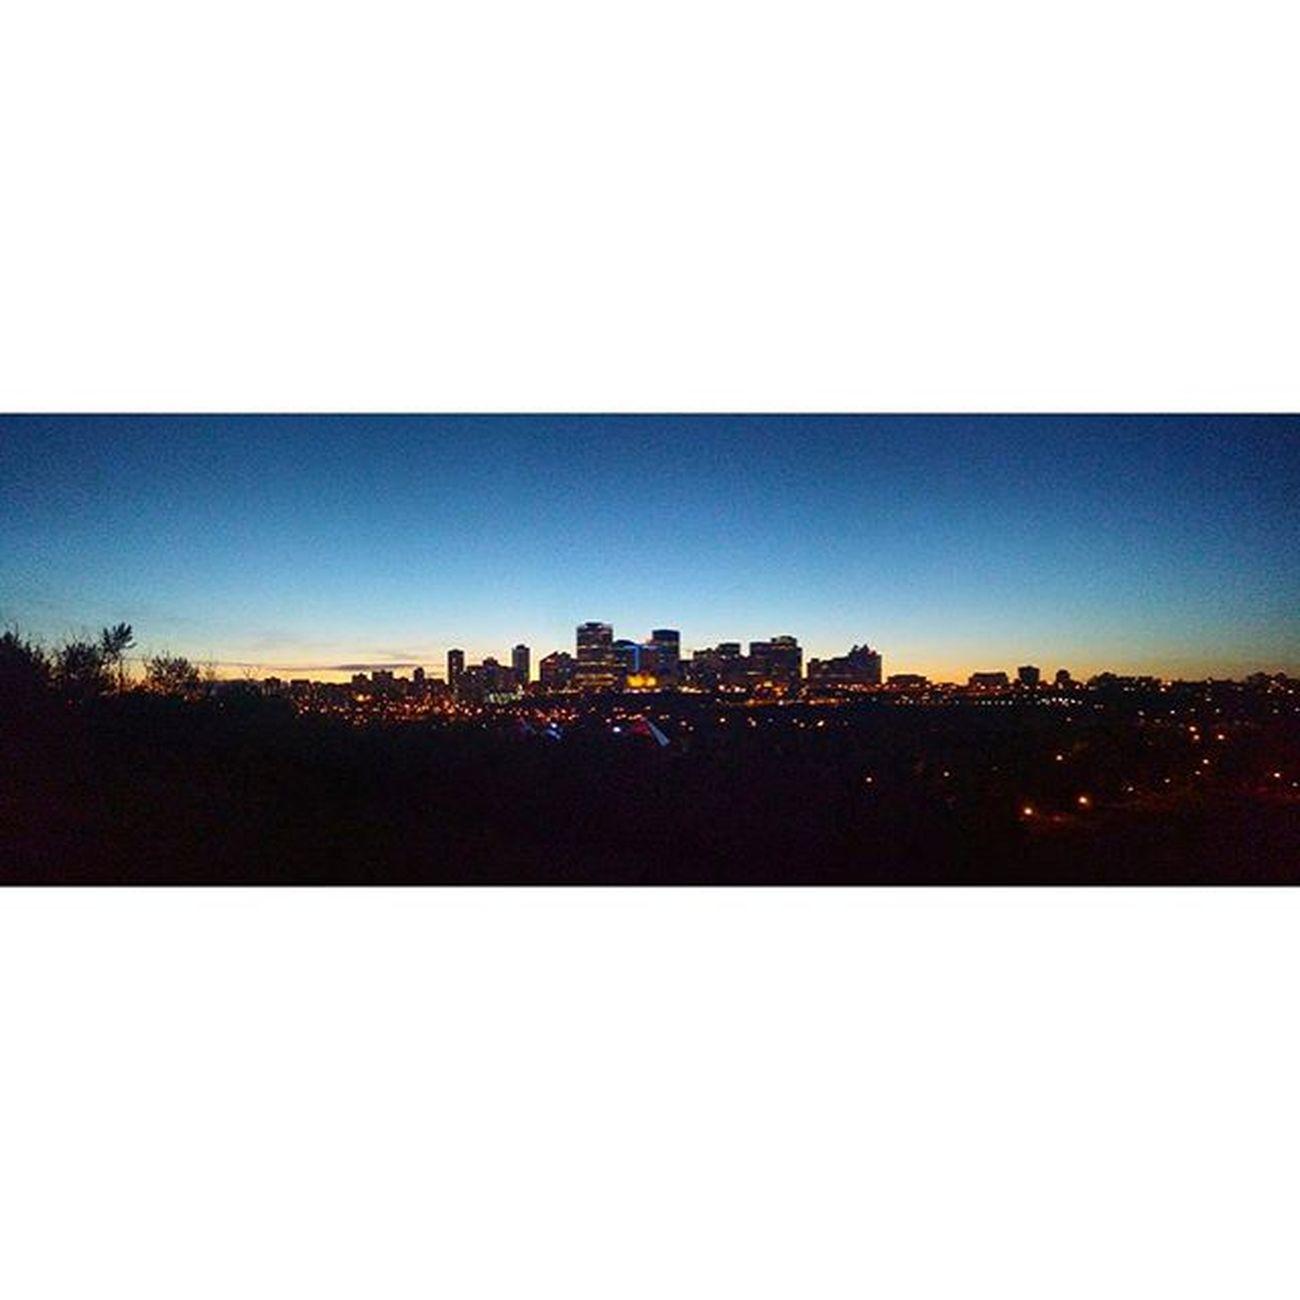 Yegdt Yegfood Yeg Edmonton Exploreedmonton Exploredmonton Explorealberta Eia Tourismedmonton Yeggers Beautiful Downtown Sunset Panoramic Muttartconservatory Downtownedmonton Yegdowntown Edmontonfolkfest Alberta